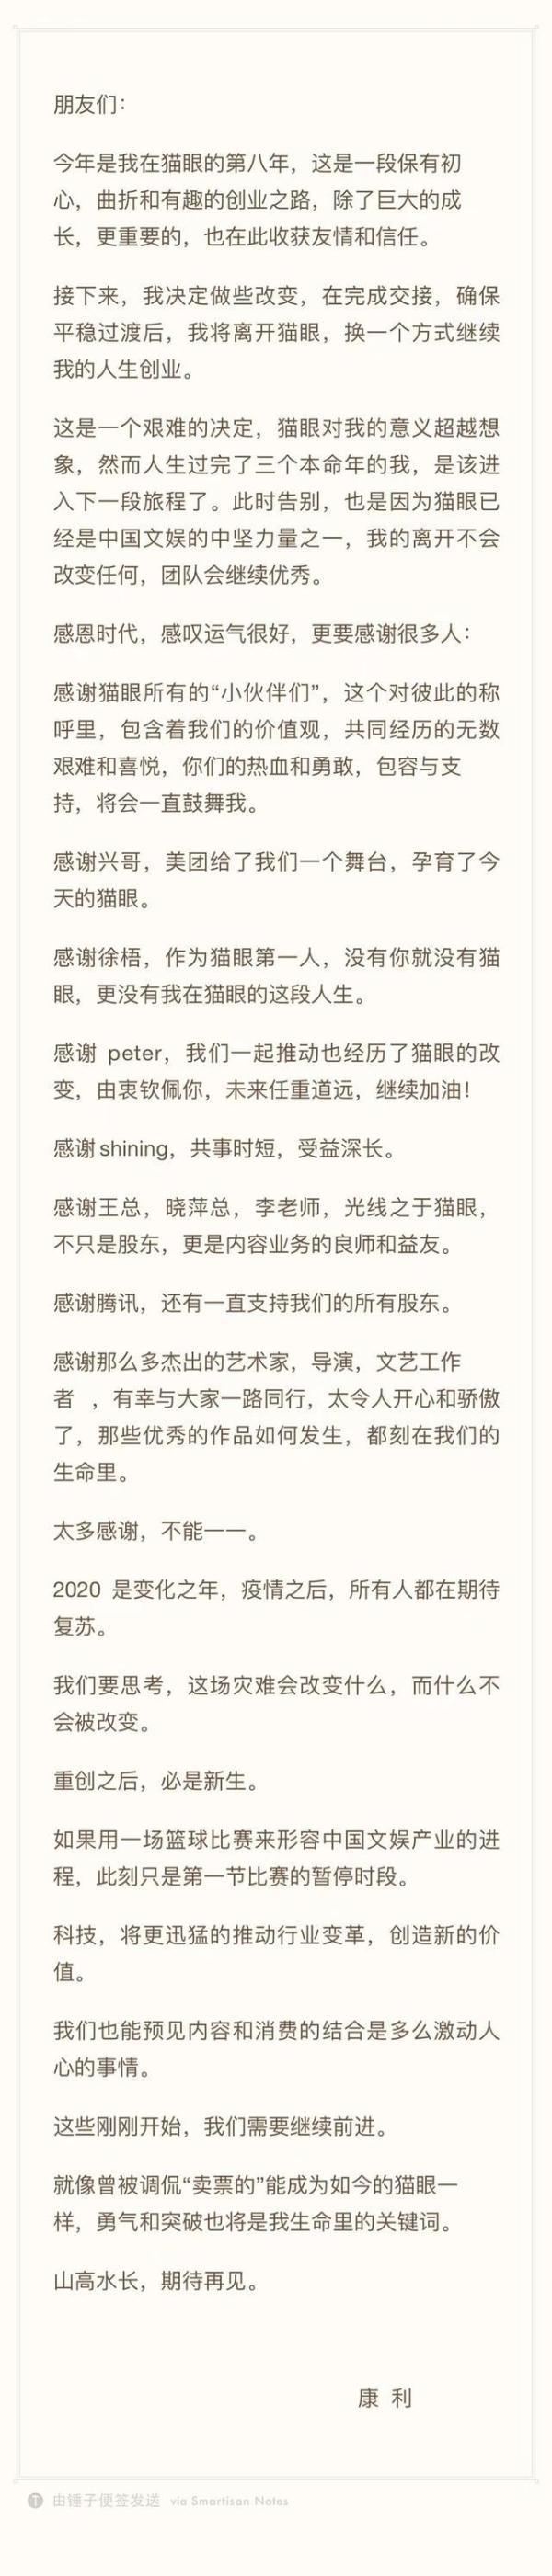 猫眼娱乐COO康利宣布离职 公司票务业务疑陷增长泥潭